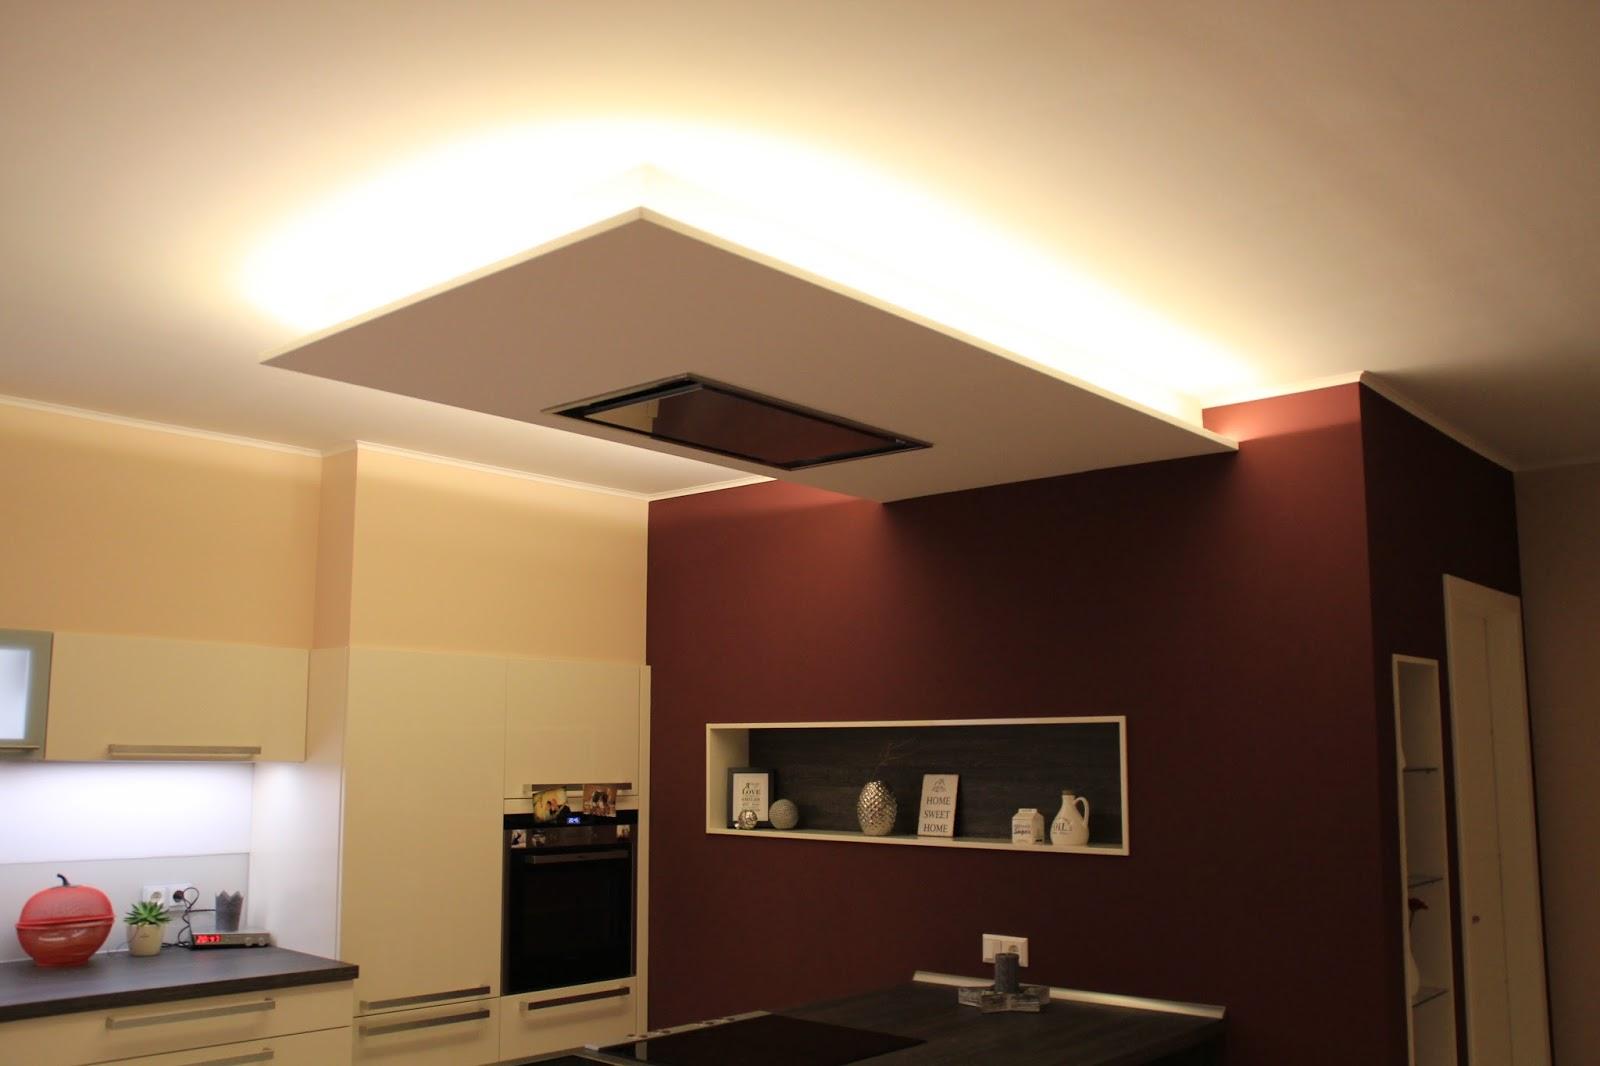 JuCheer testet: LED Wunderland - warme Lichtakzente für ein ...